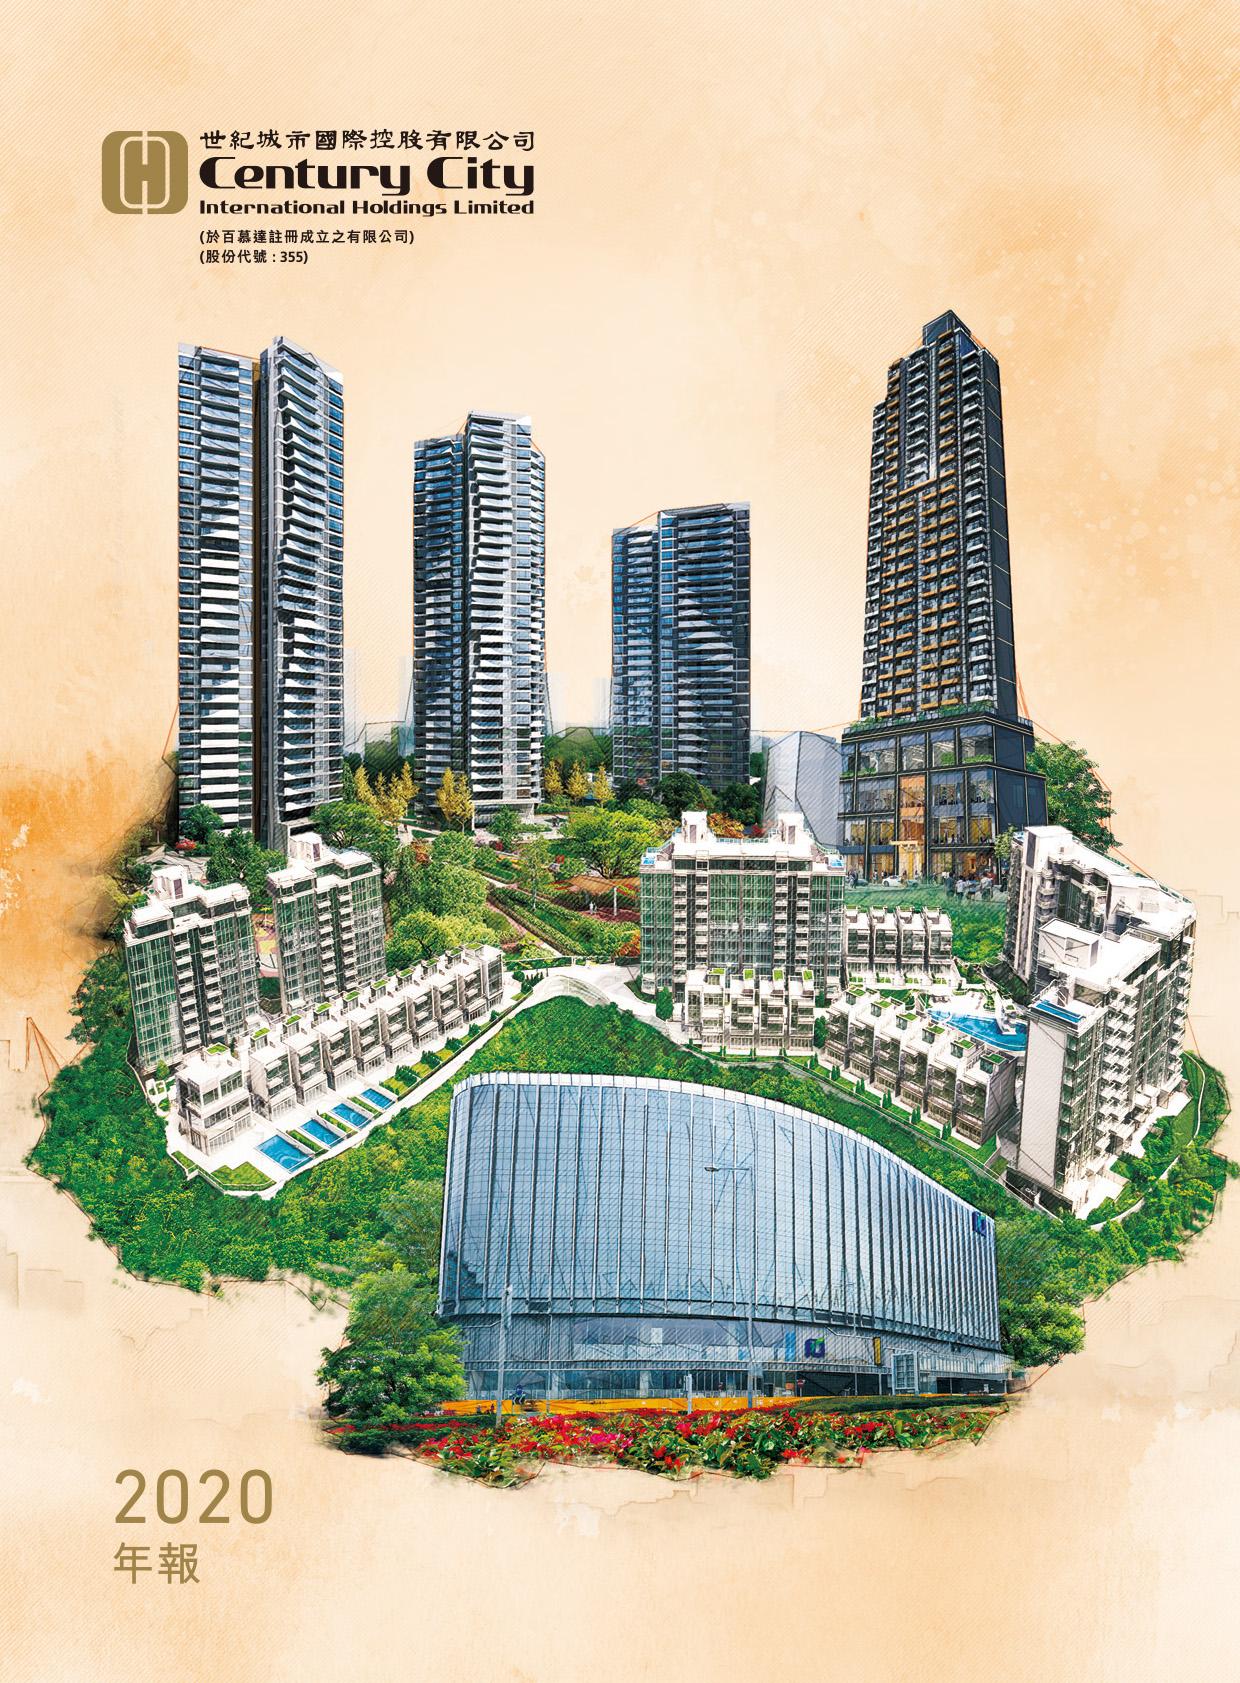 世纪城市国际控股有限公司